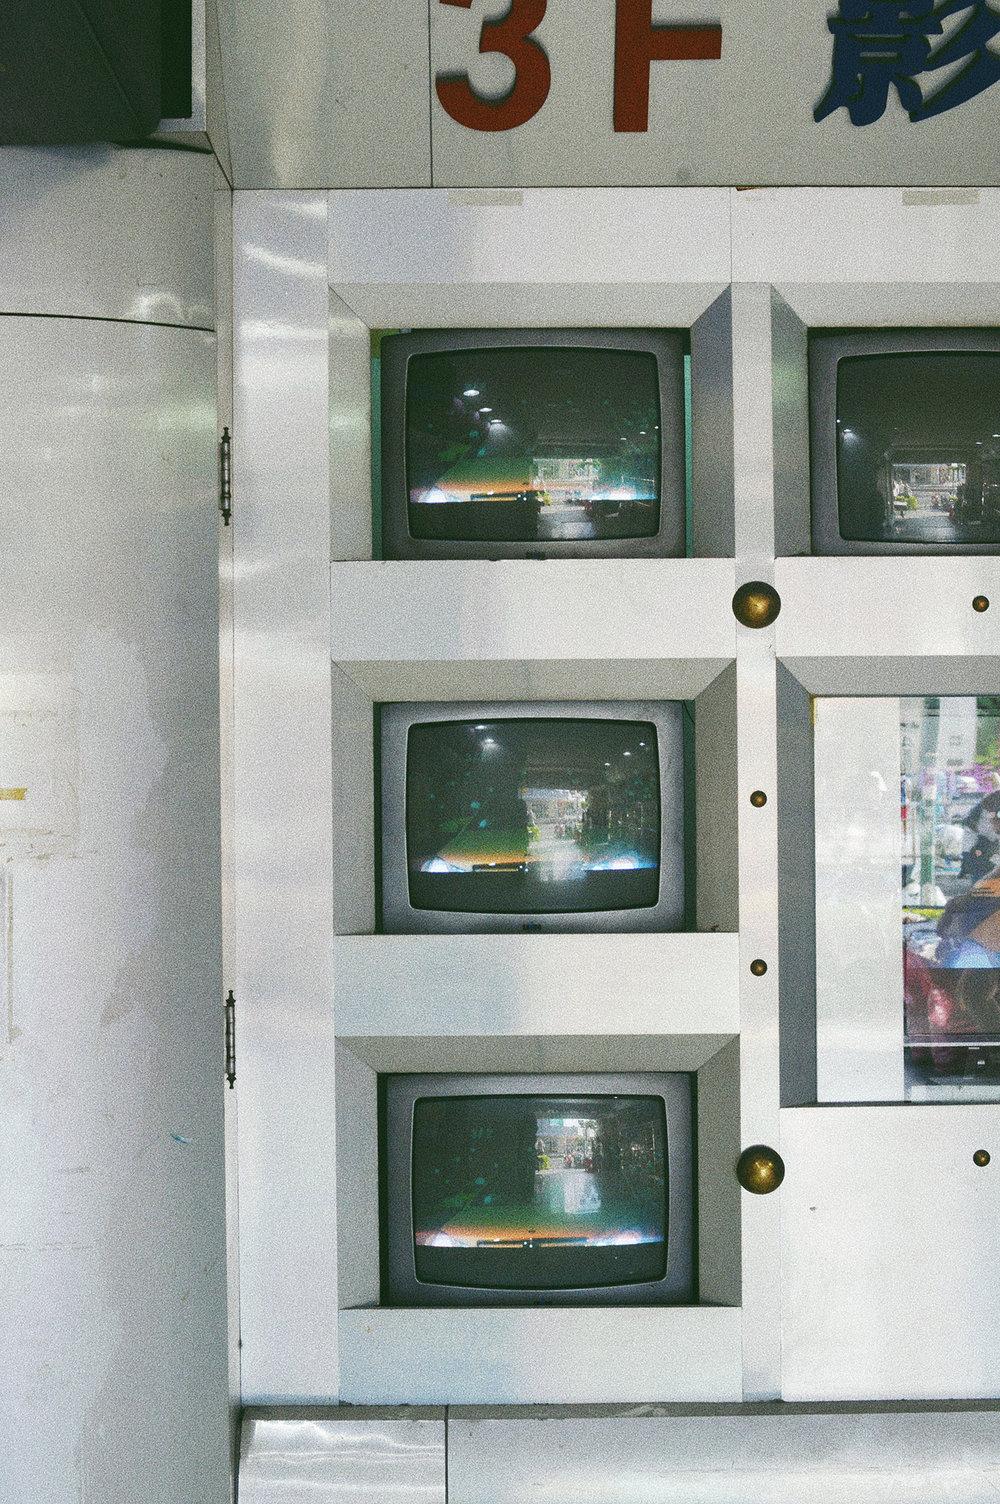 69D8A5D9-E369-48CE-991C-A2D6C5903FFD.jpg